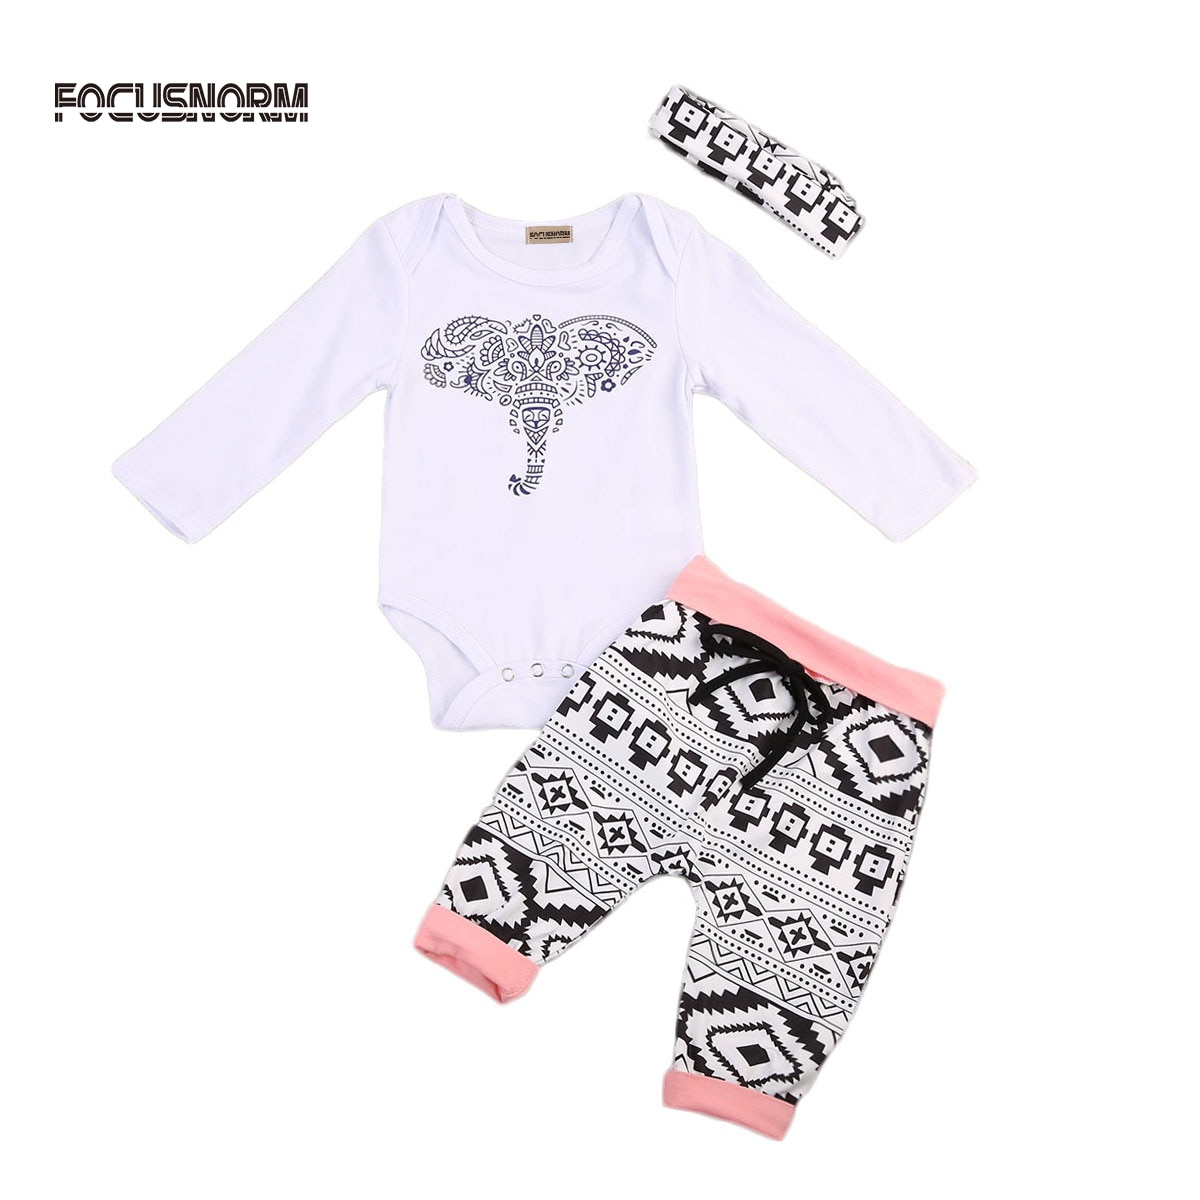 Ropa para niñas pequeñas, Pelele de elefante + Pantalones largos + diadema, traje de 3 uds., conjunto de Ropa de bebé niña, conjuntos de Ropa, Ropa para bebés